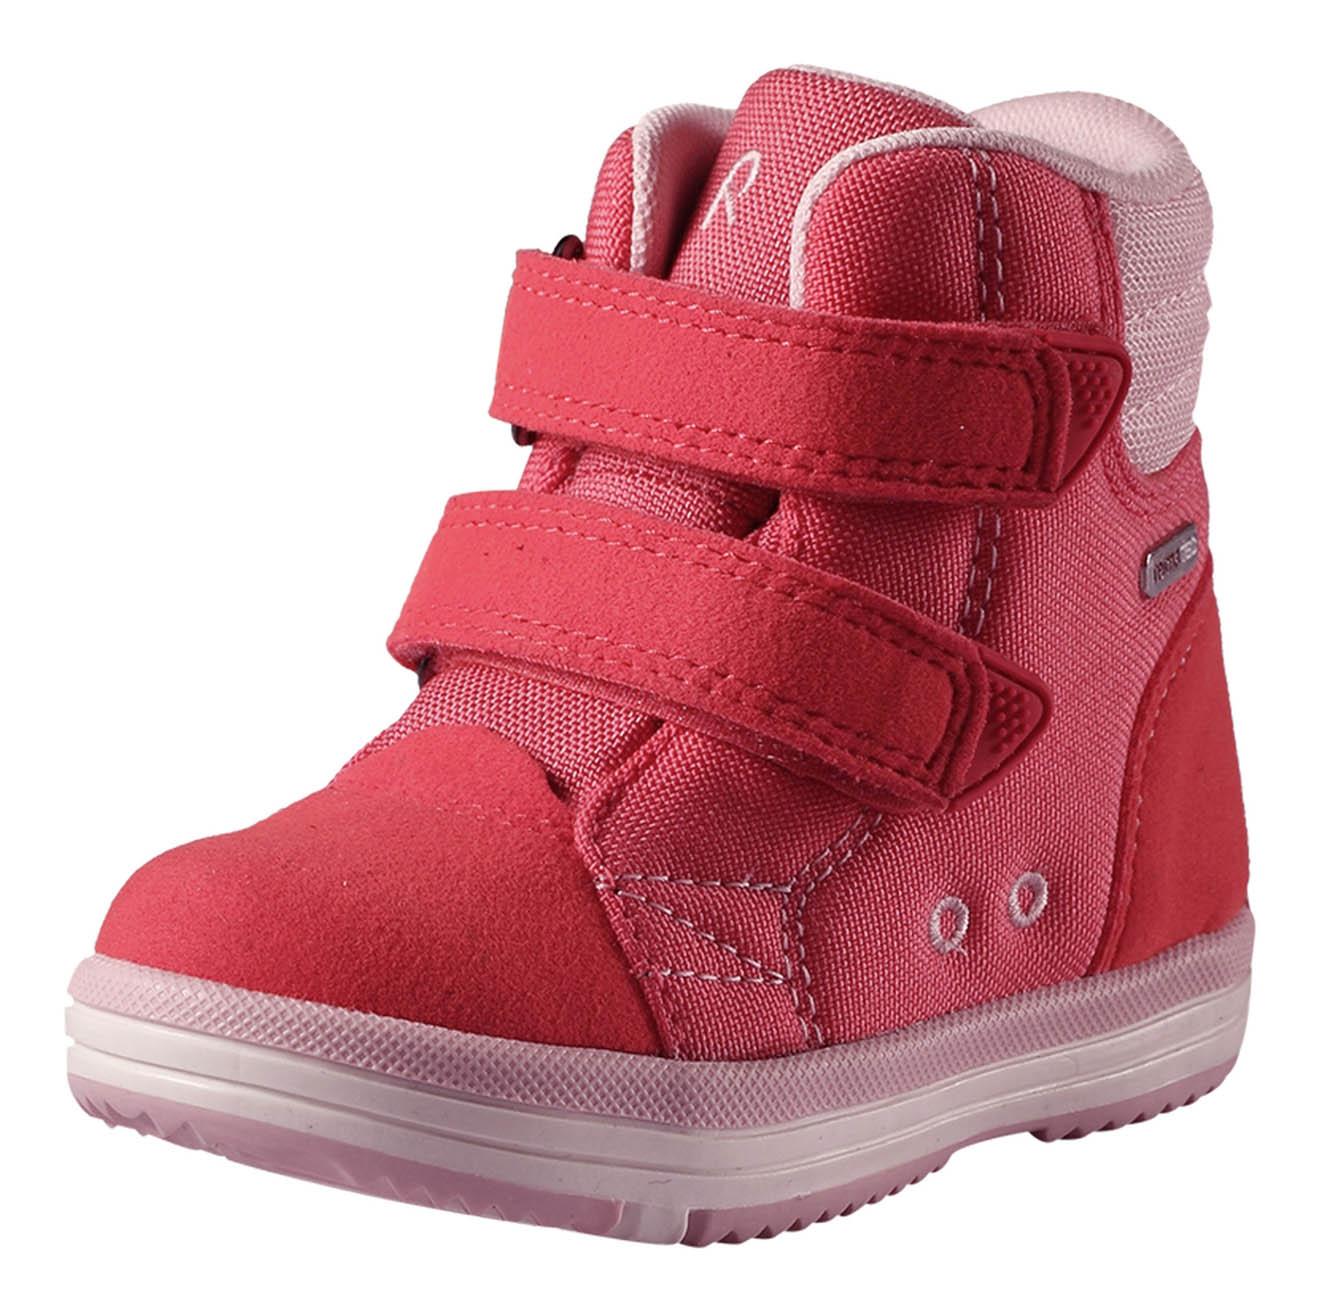 Купить Ботинки Patter 35 р. красный 35 Reima 569344-3340, Детские ботинки